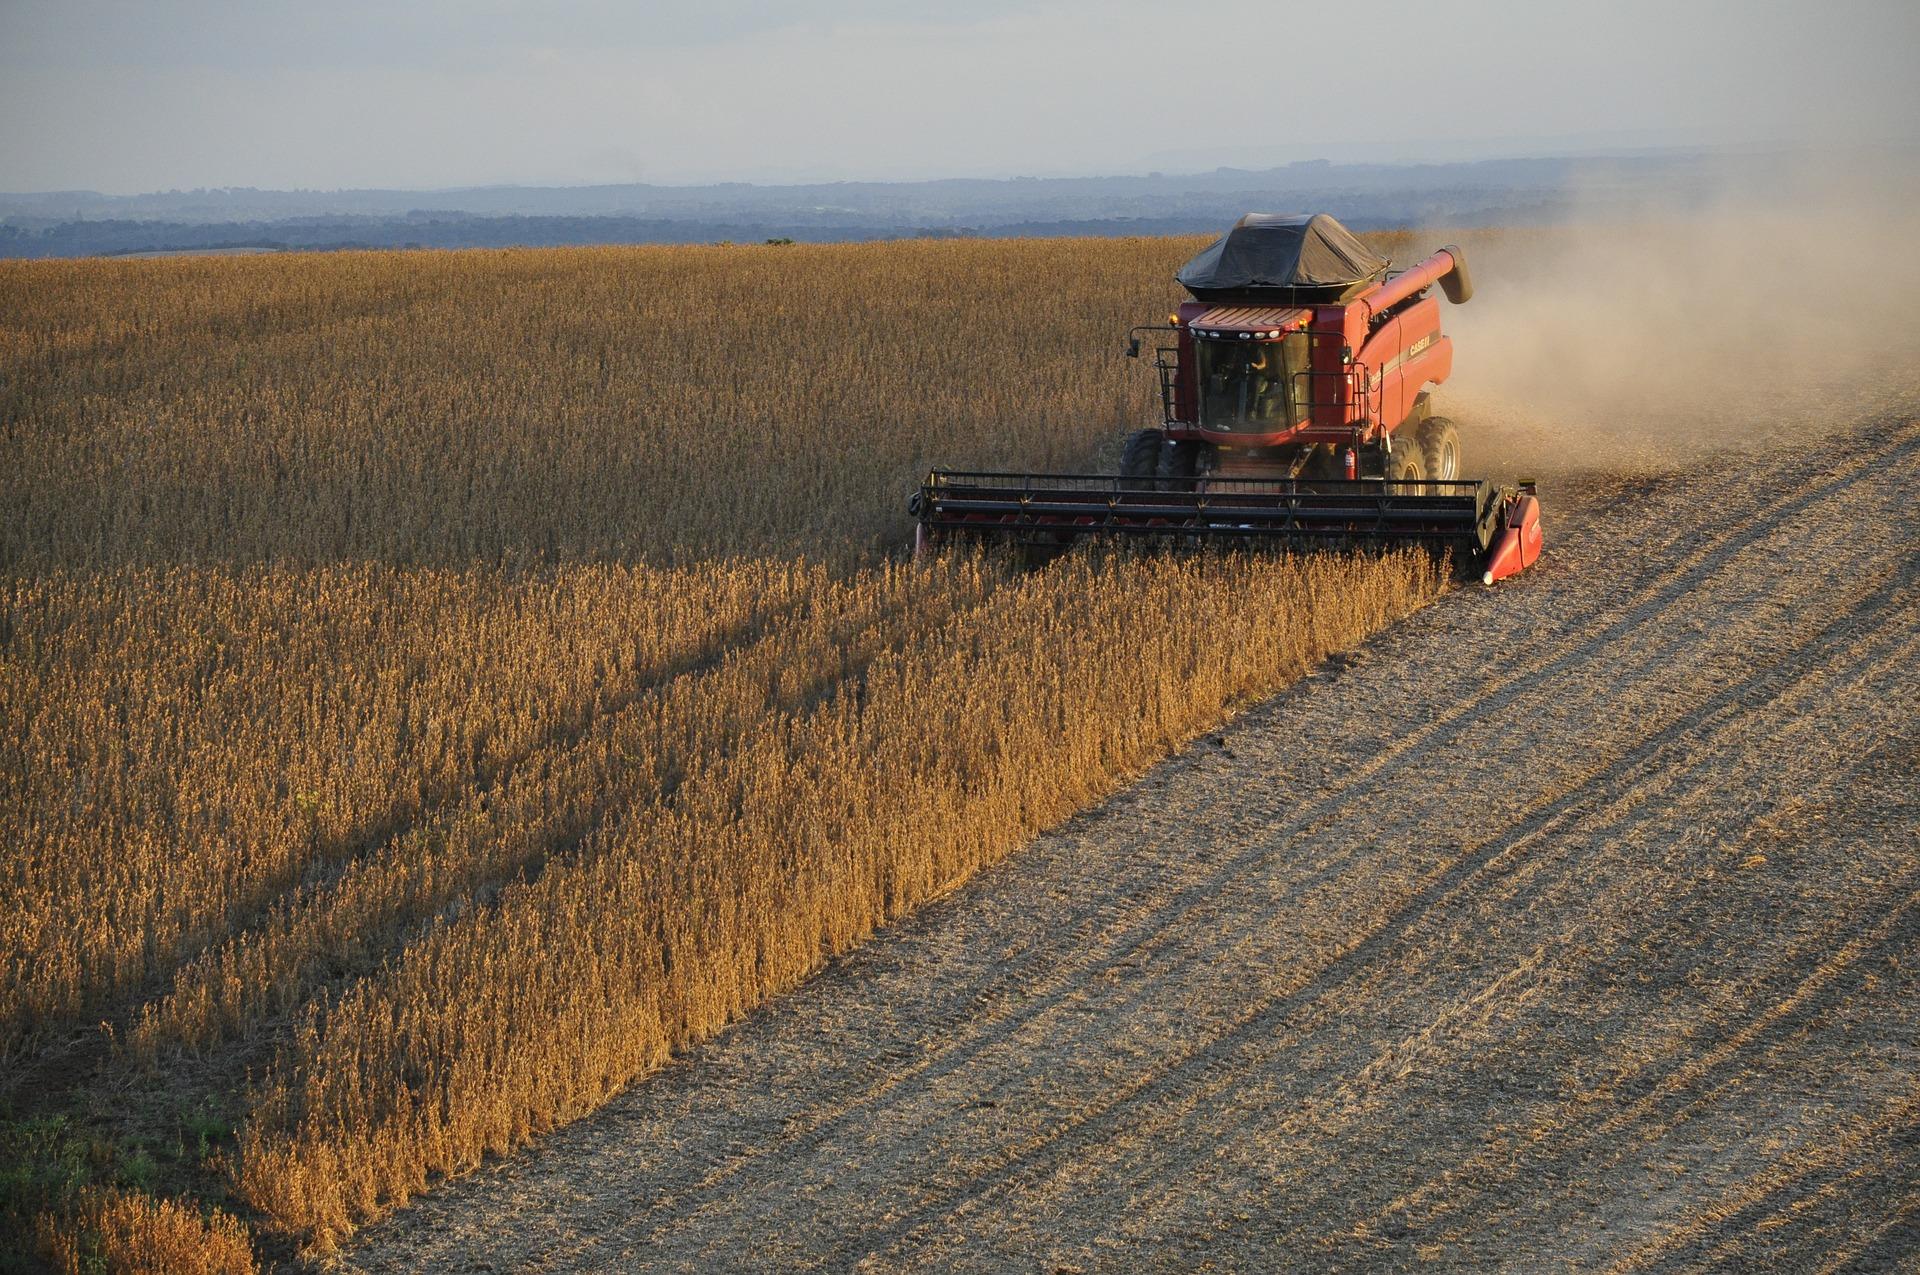 El boom de la producción agrícola en Brasil | Agronoticias